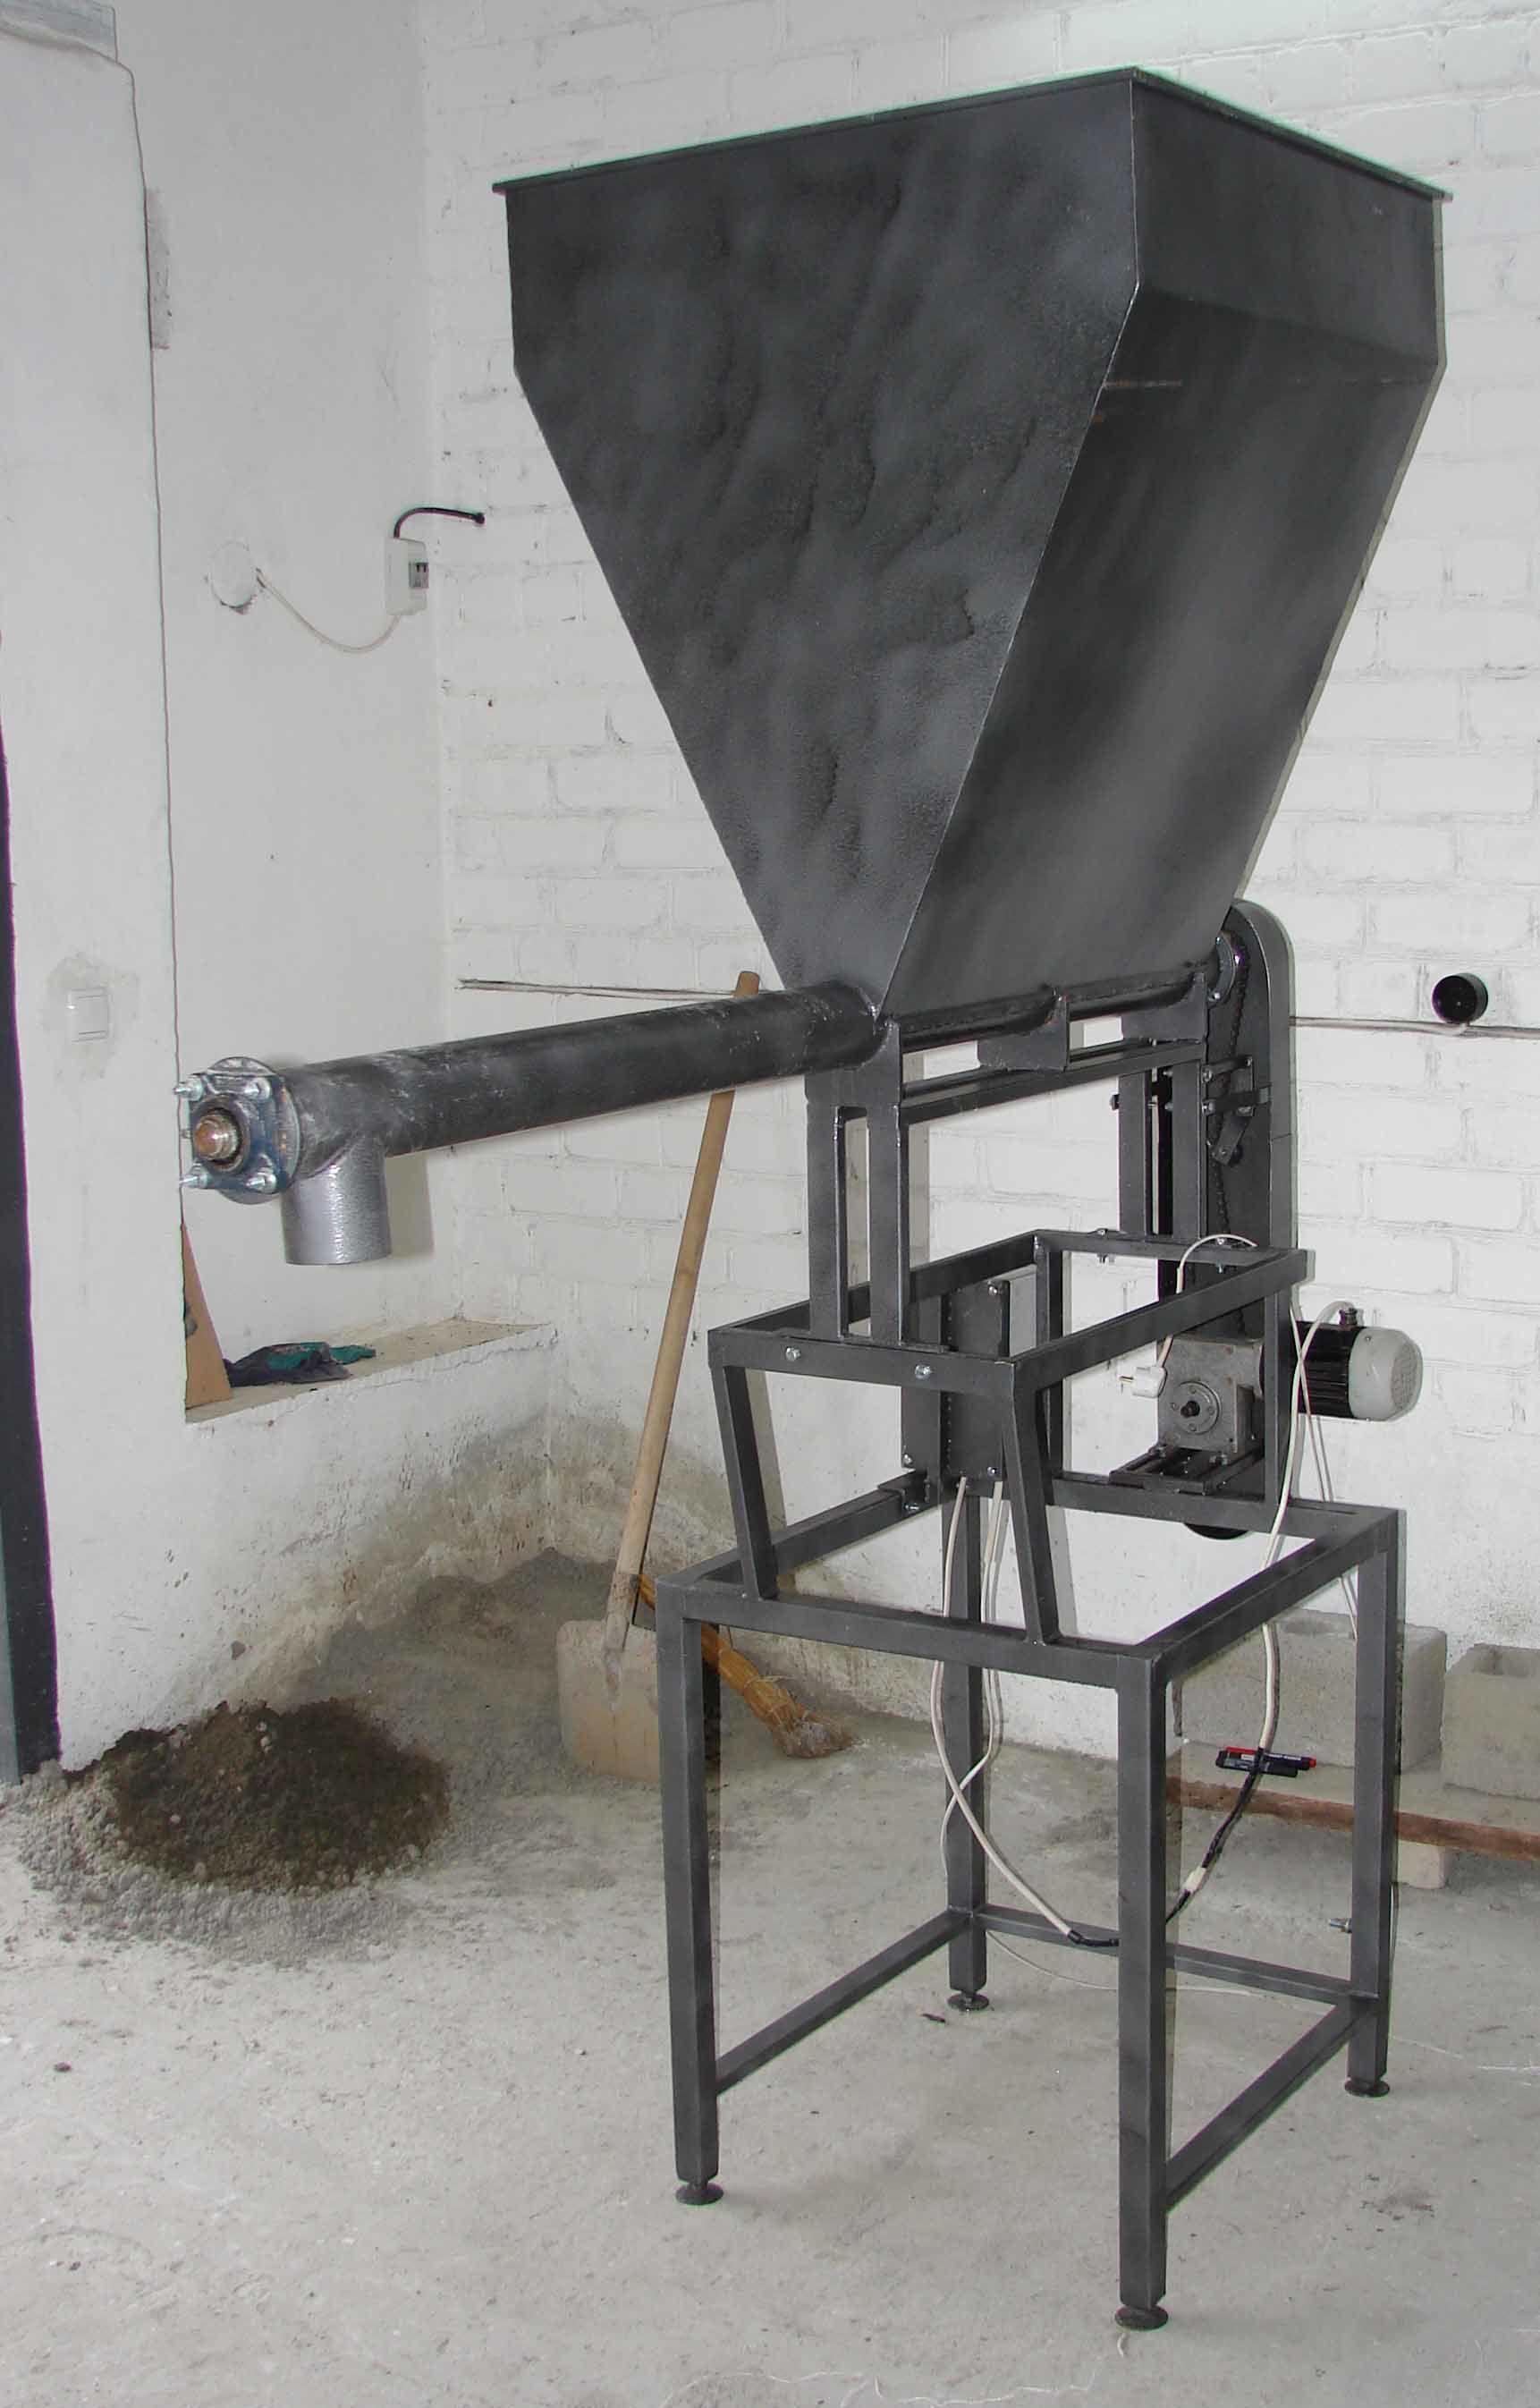 Шнековый дозатор для сыпучих продуктов своими руками 45